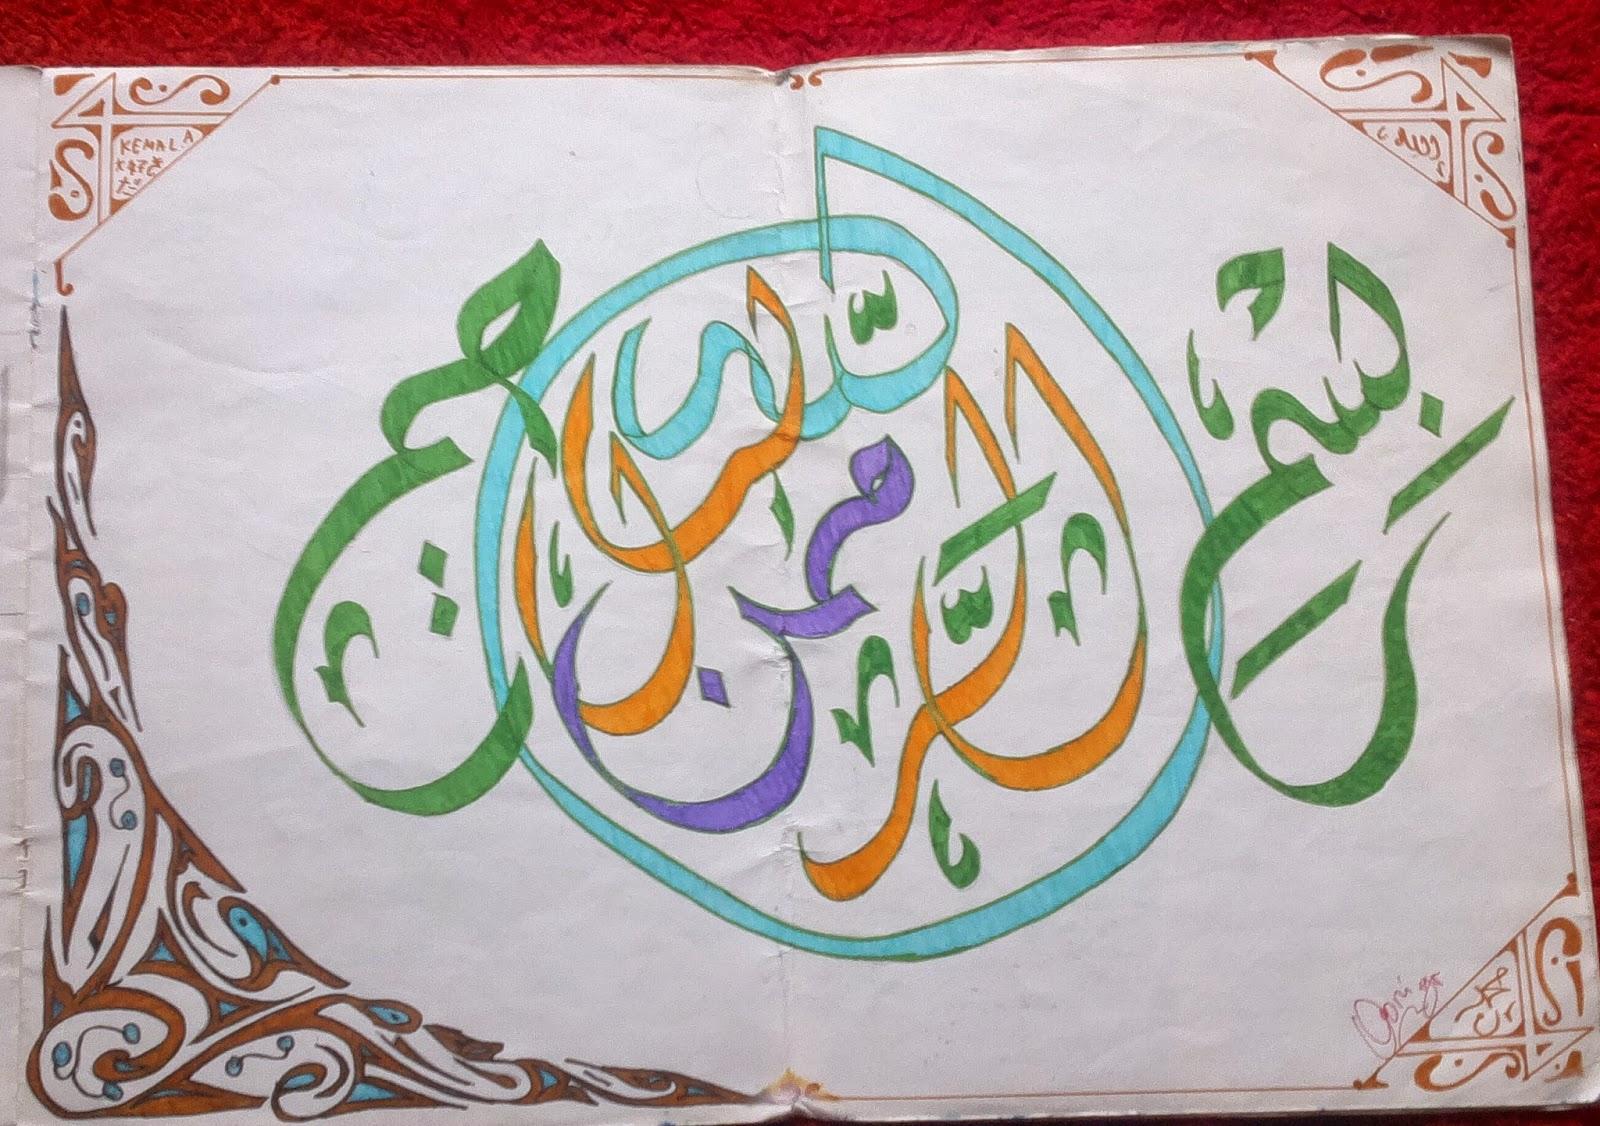 Hidup Harus Bermakna Hiasan Kaligrafi Indah